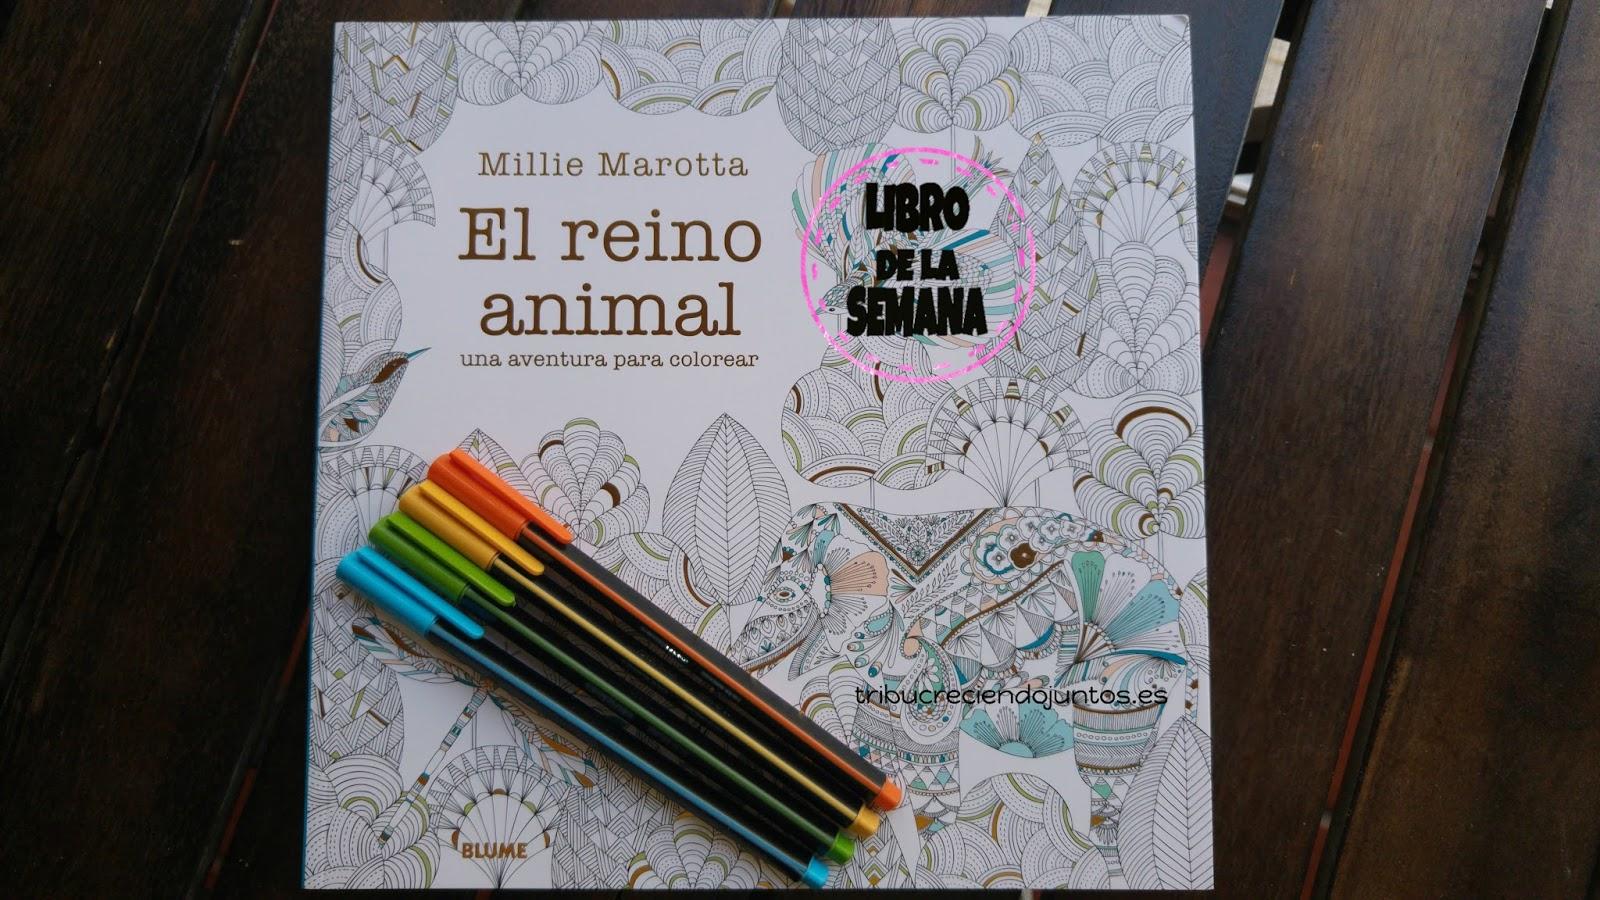 Encantador Nhl Para Colorear Adorno - Enmarcado Para Colorear ...